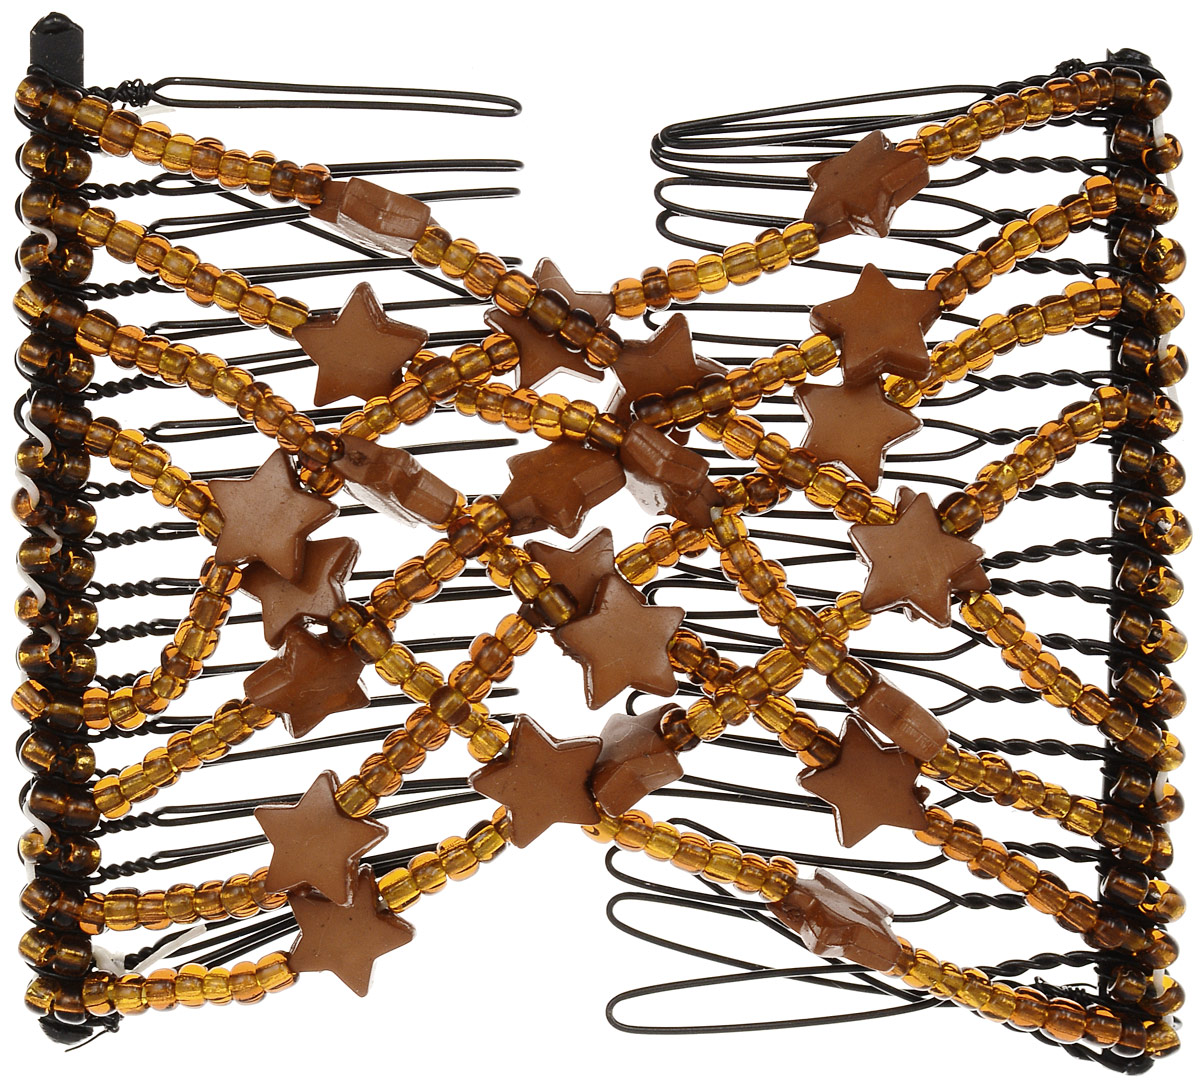 EZ-Combs Заколка Изи-Комбс, одинарная, цвет: коричневый. ЗИО_звезды ez combs заколка изи комбс одинарная цвет коричневый зио сердечки